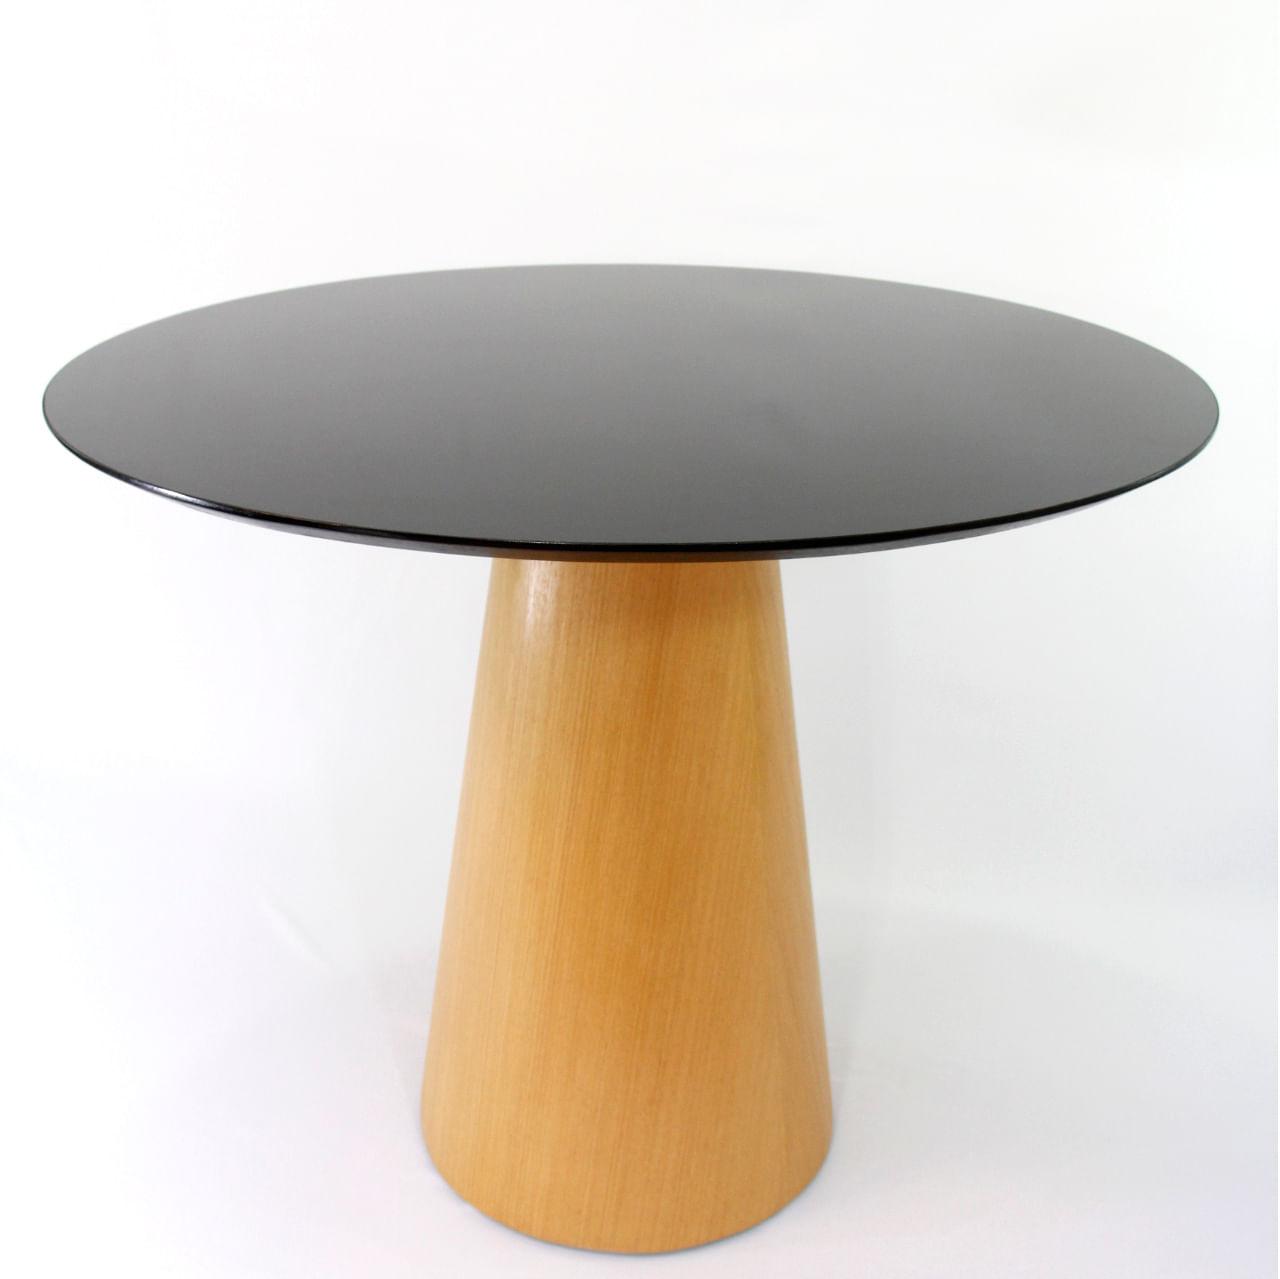 Mesa de Jantar Cone 110 cm Base Madeira Marfim Claro